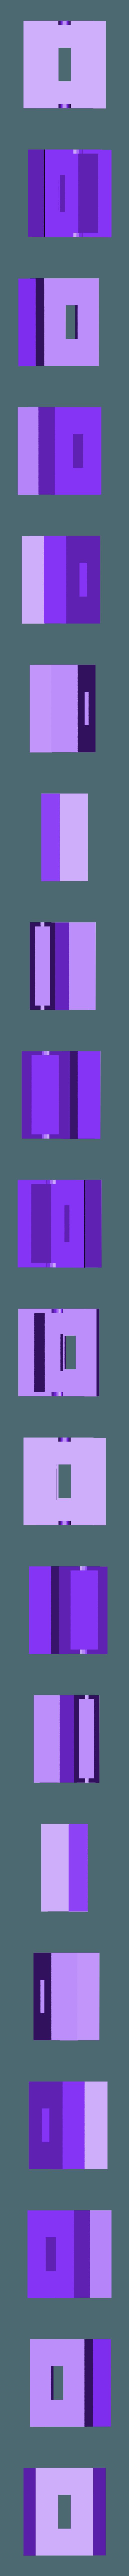 2_servo_robot (6).stl Télécharger fichier STL gratuit Comment faire un robot mante religieuse • Design imprimable en 3D, speedkornet